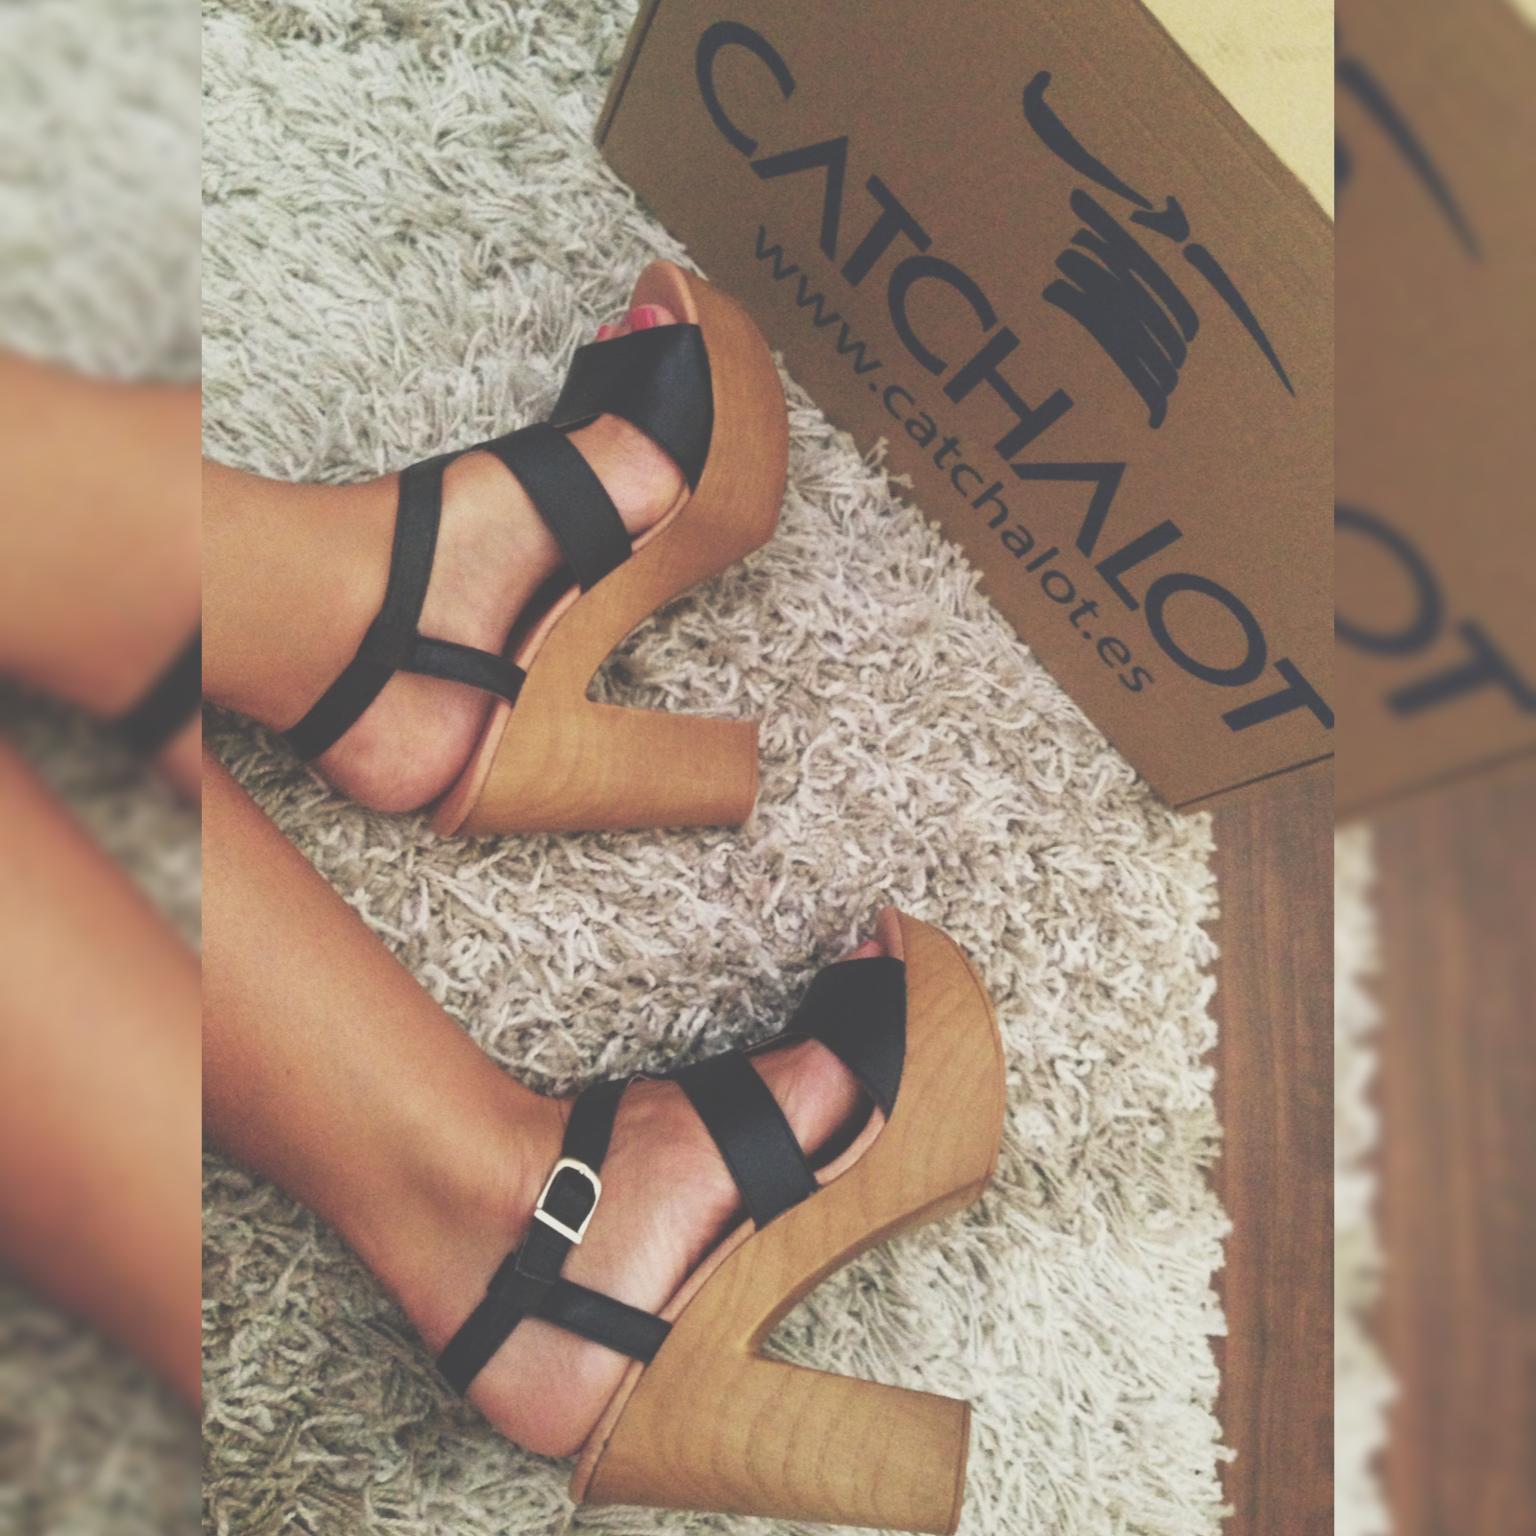 La bloguera Blanca, @blancaalgaba, con nuestras sandalias Rosana y nuestra nueva caja de envíos. Puedes verlas aquí: http://catchalot.es/…/sandalia/…/78856_catchalot-rosana.html